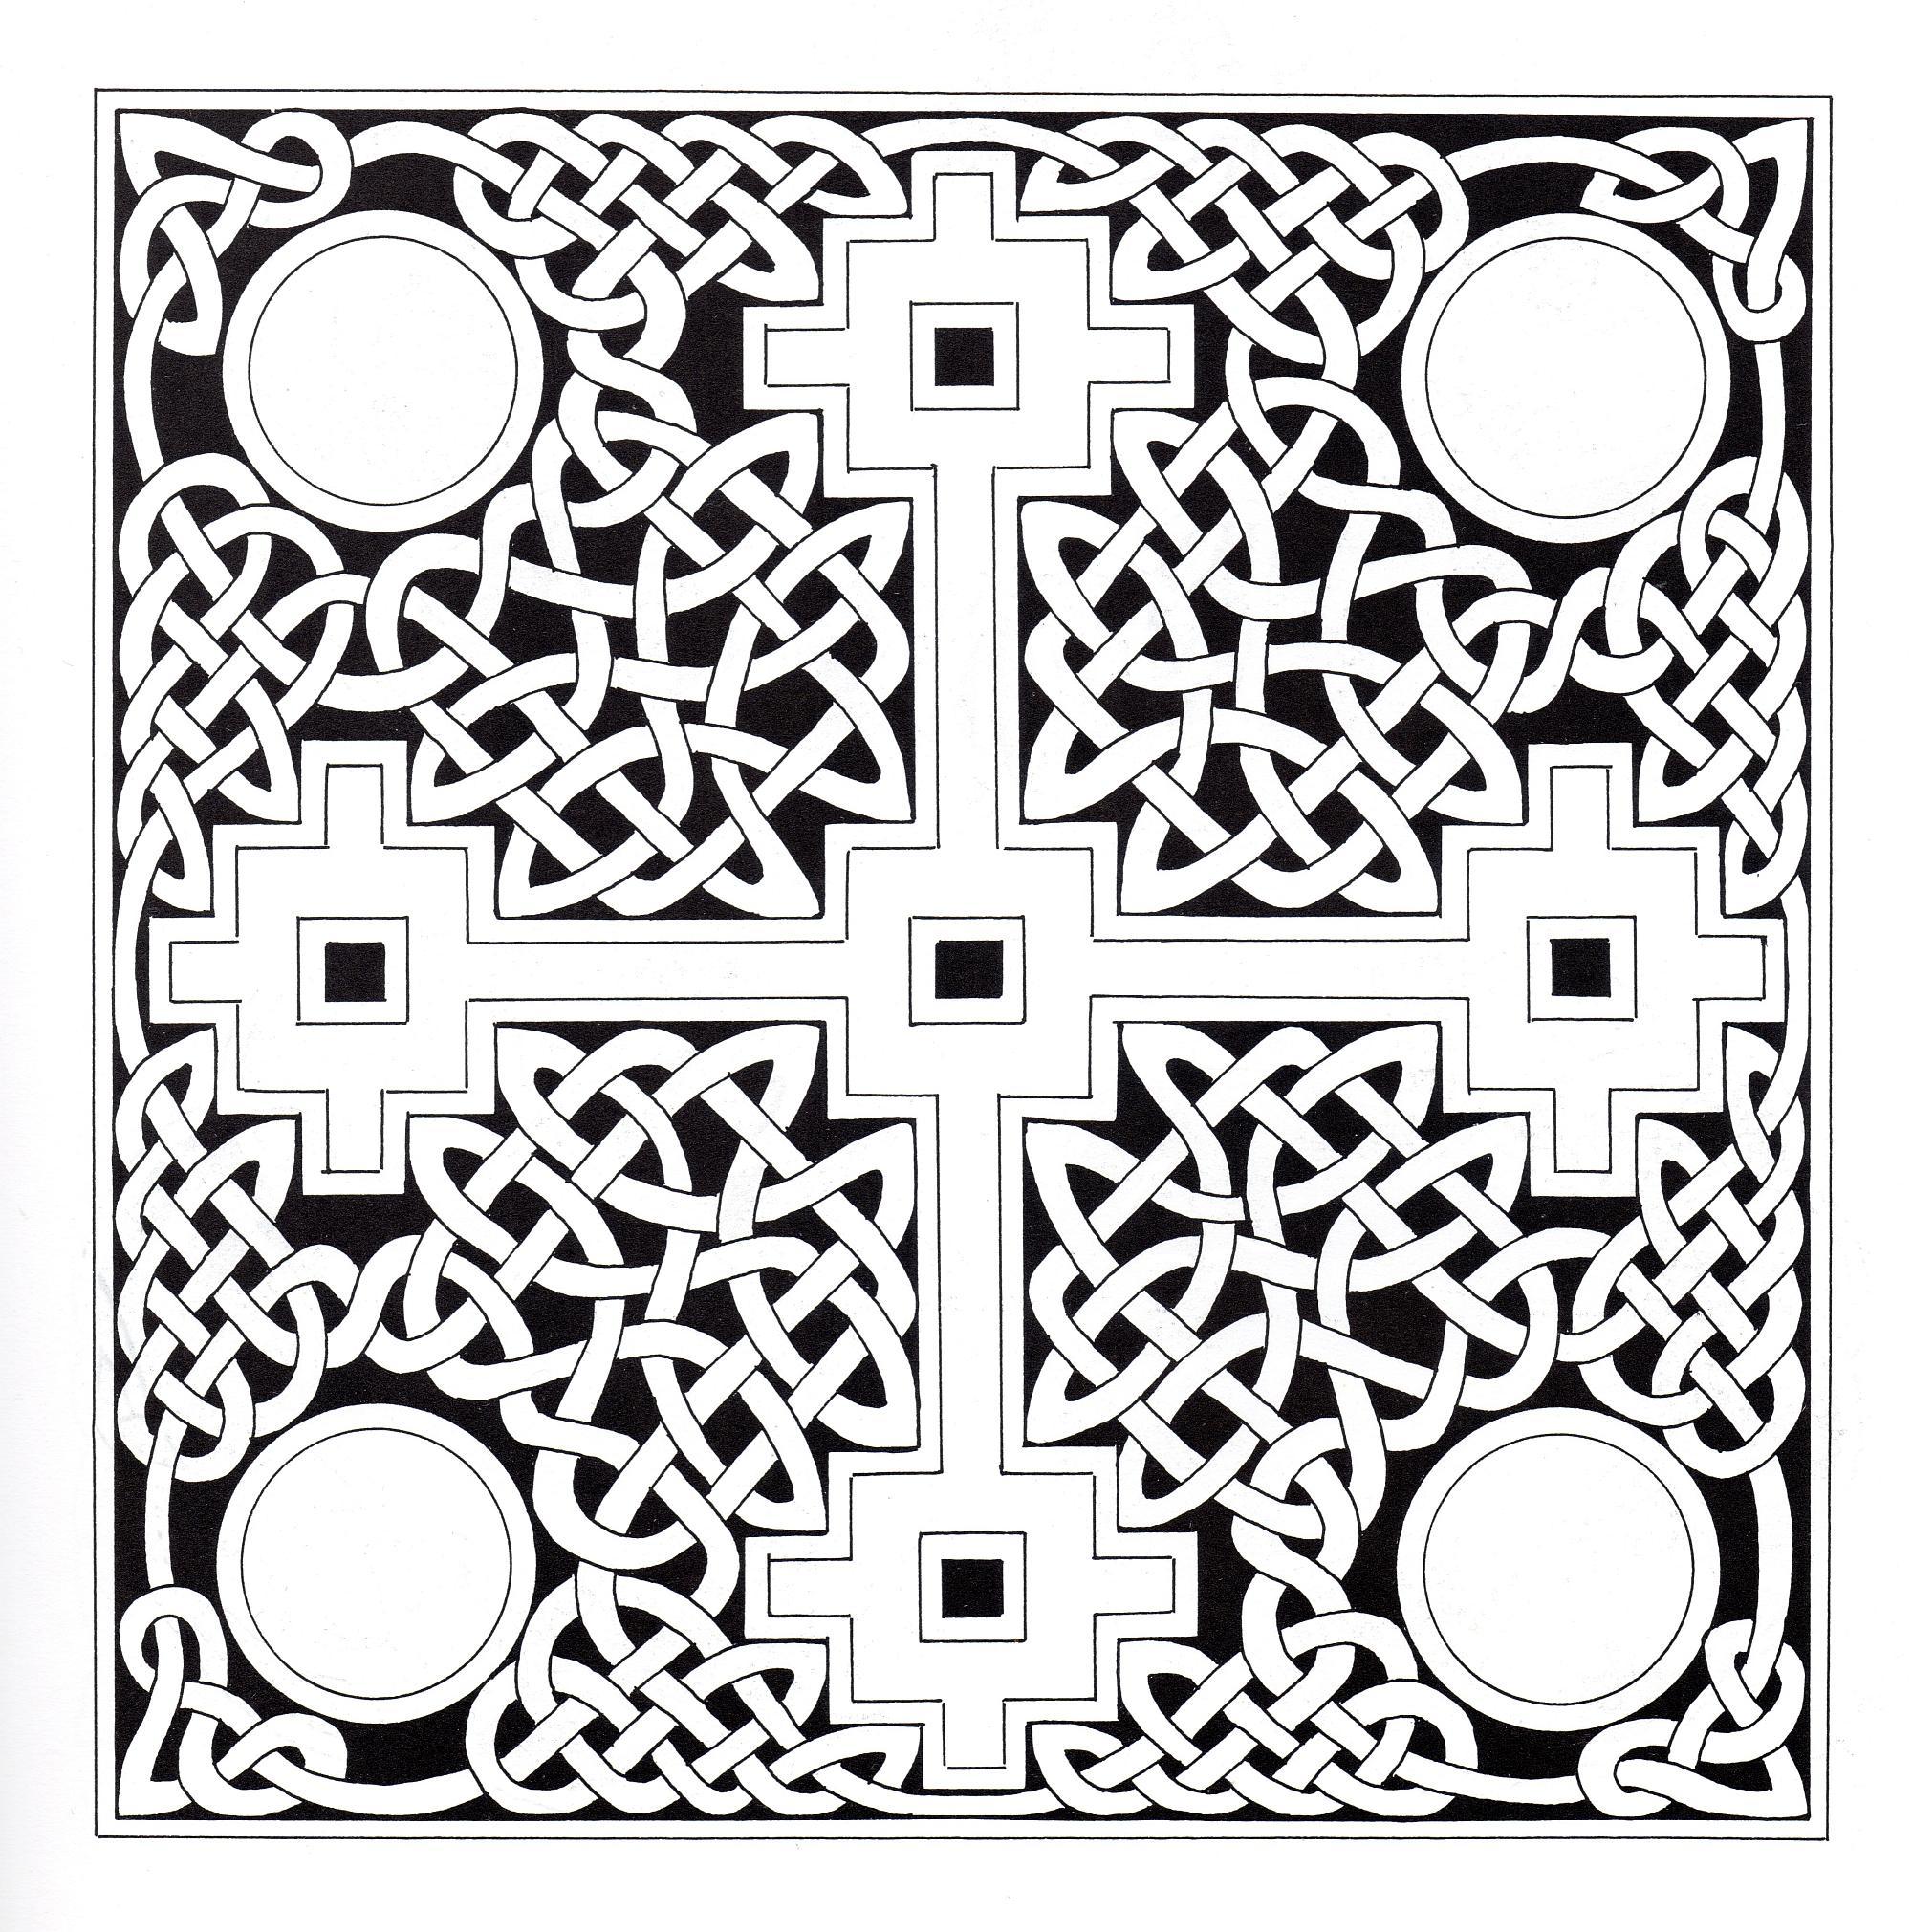 Art celtique : dessin carré composé d'une croix celtique et d'éléments entrelacés